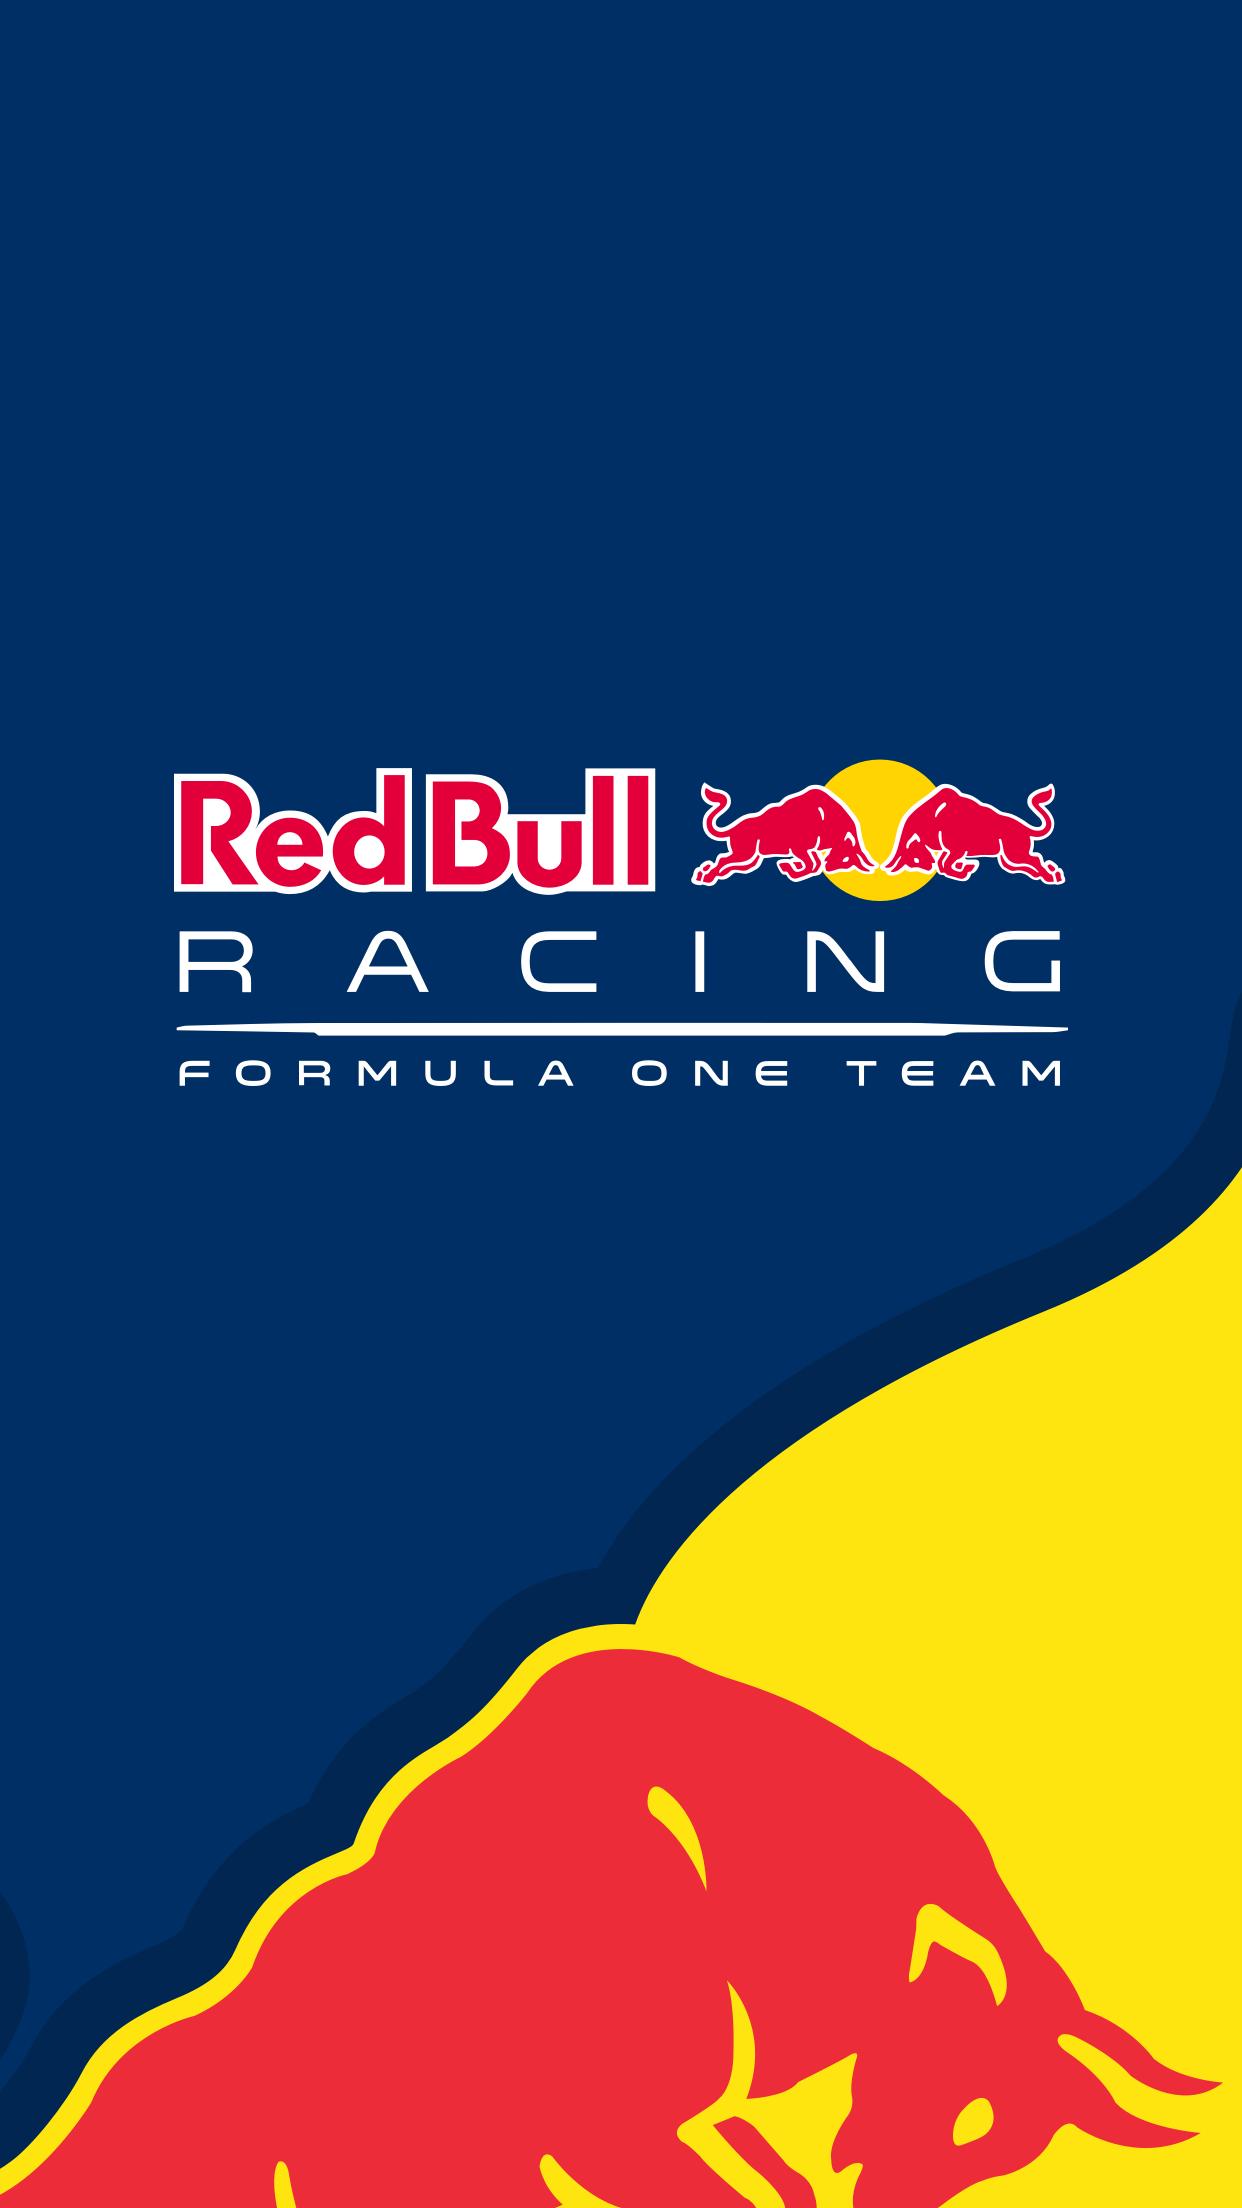 3dcc95d7 Red Bull Racing Logo Wallpaper - e-republique | F1 | Red bull f1 ...